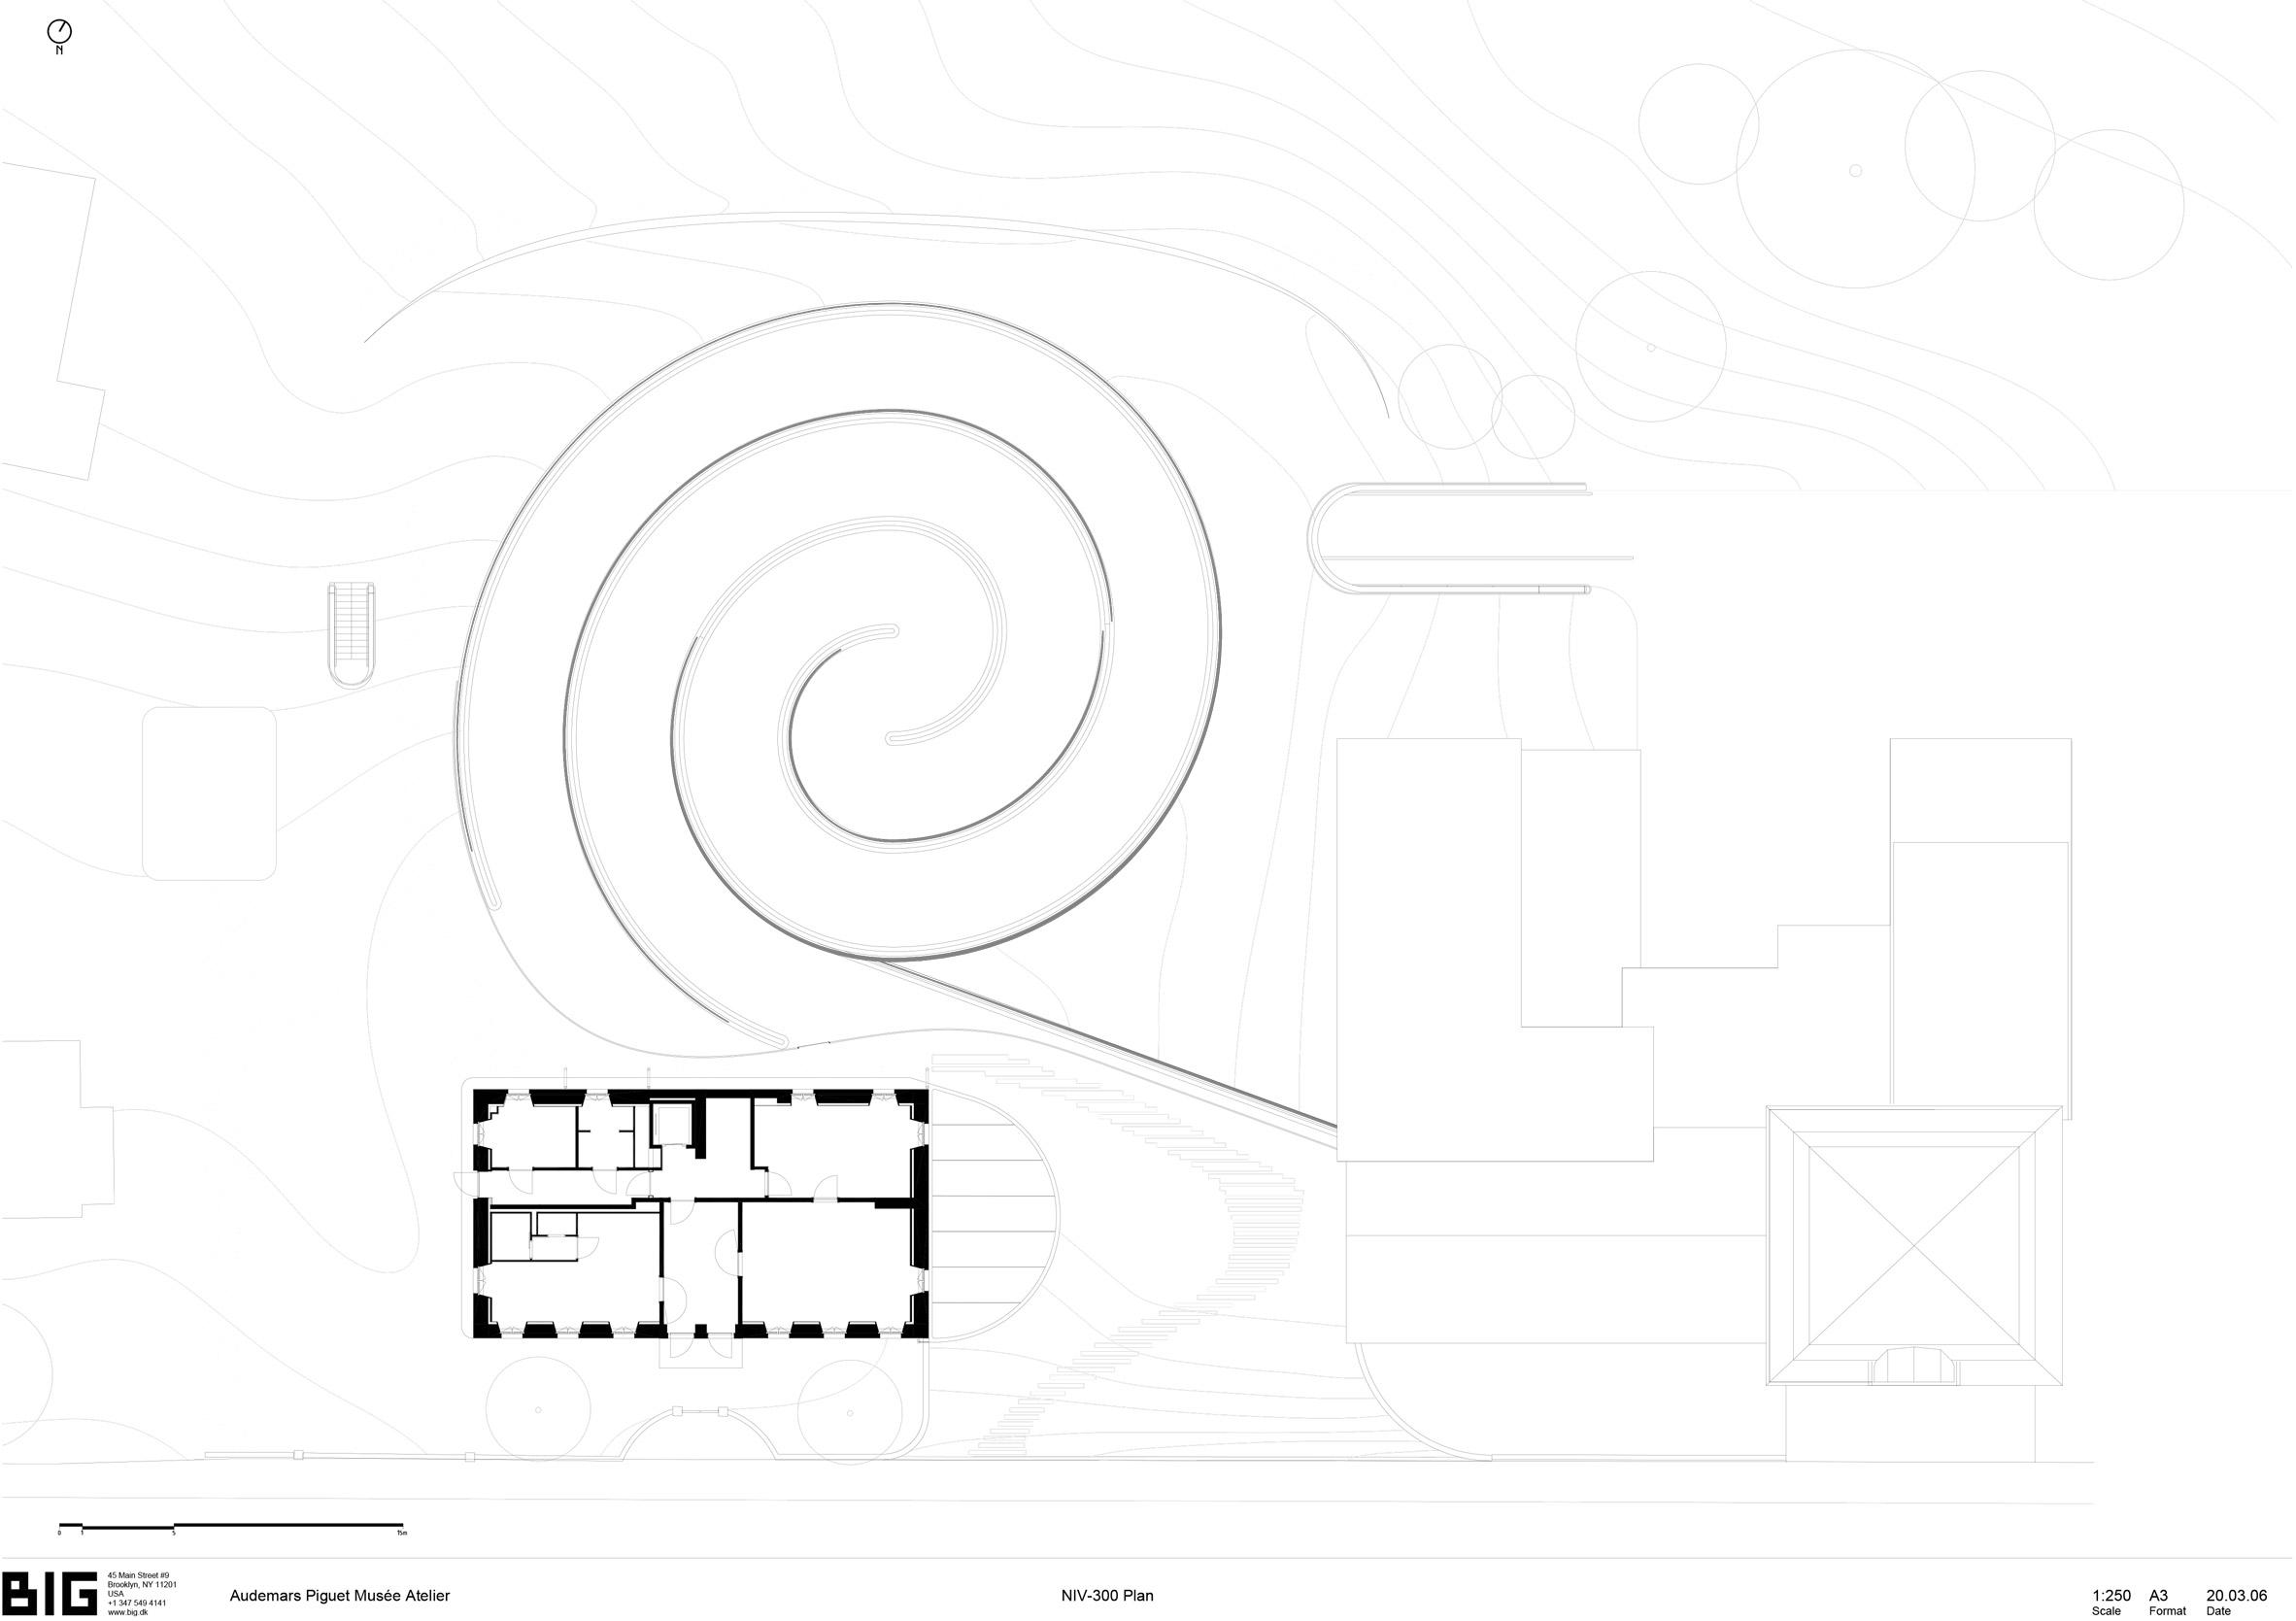 10_musee-atelier-audemar-piguet-big-archiecture-photography-iwan-baan_dezeen_2364_plan-2.jpg